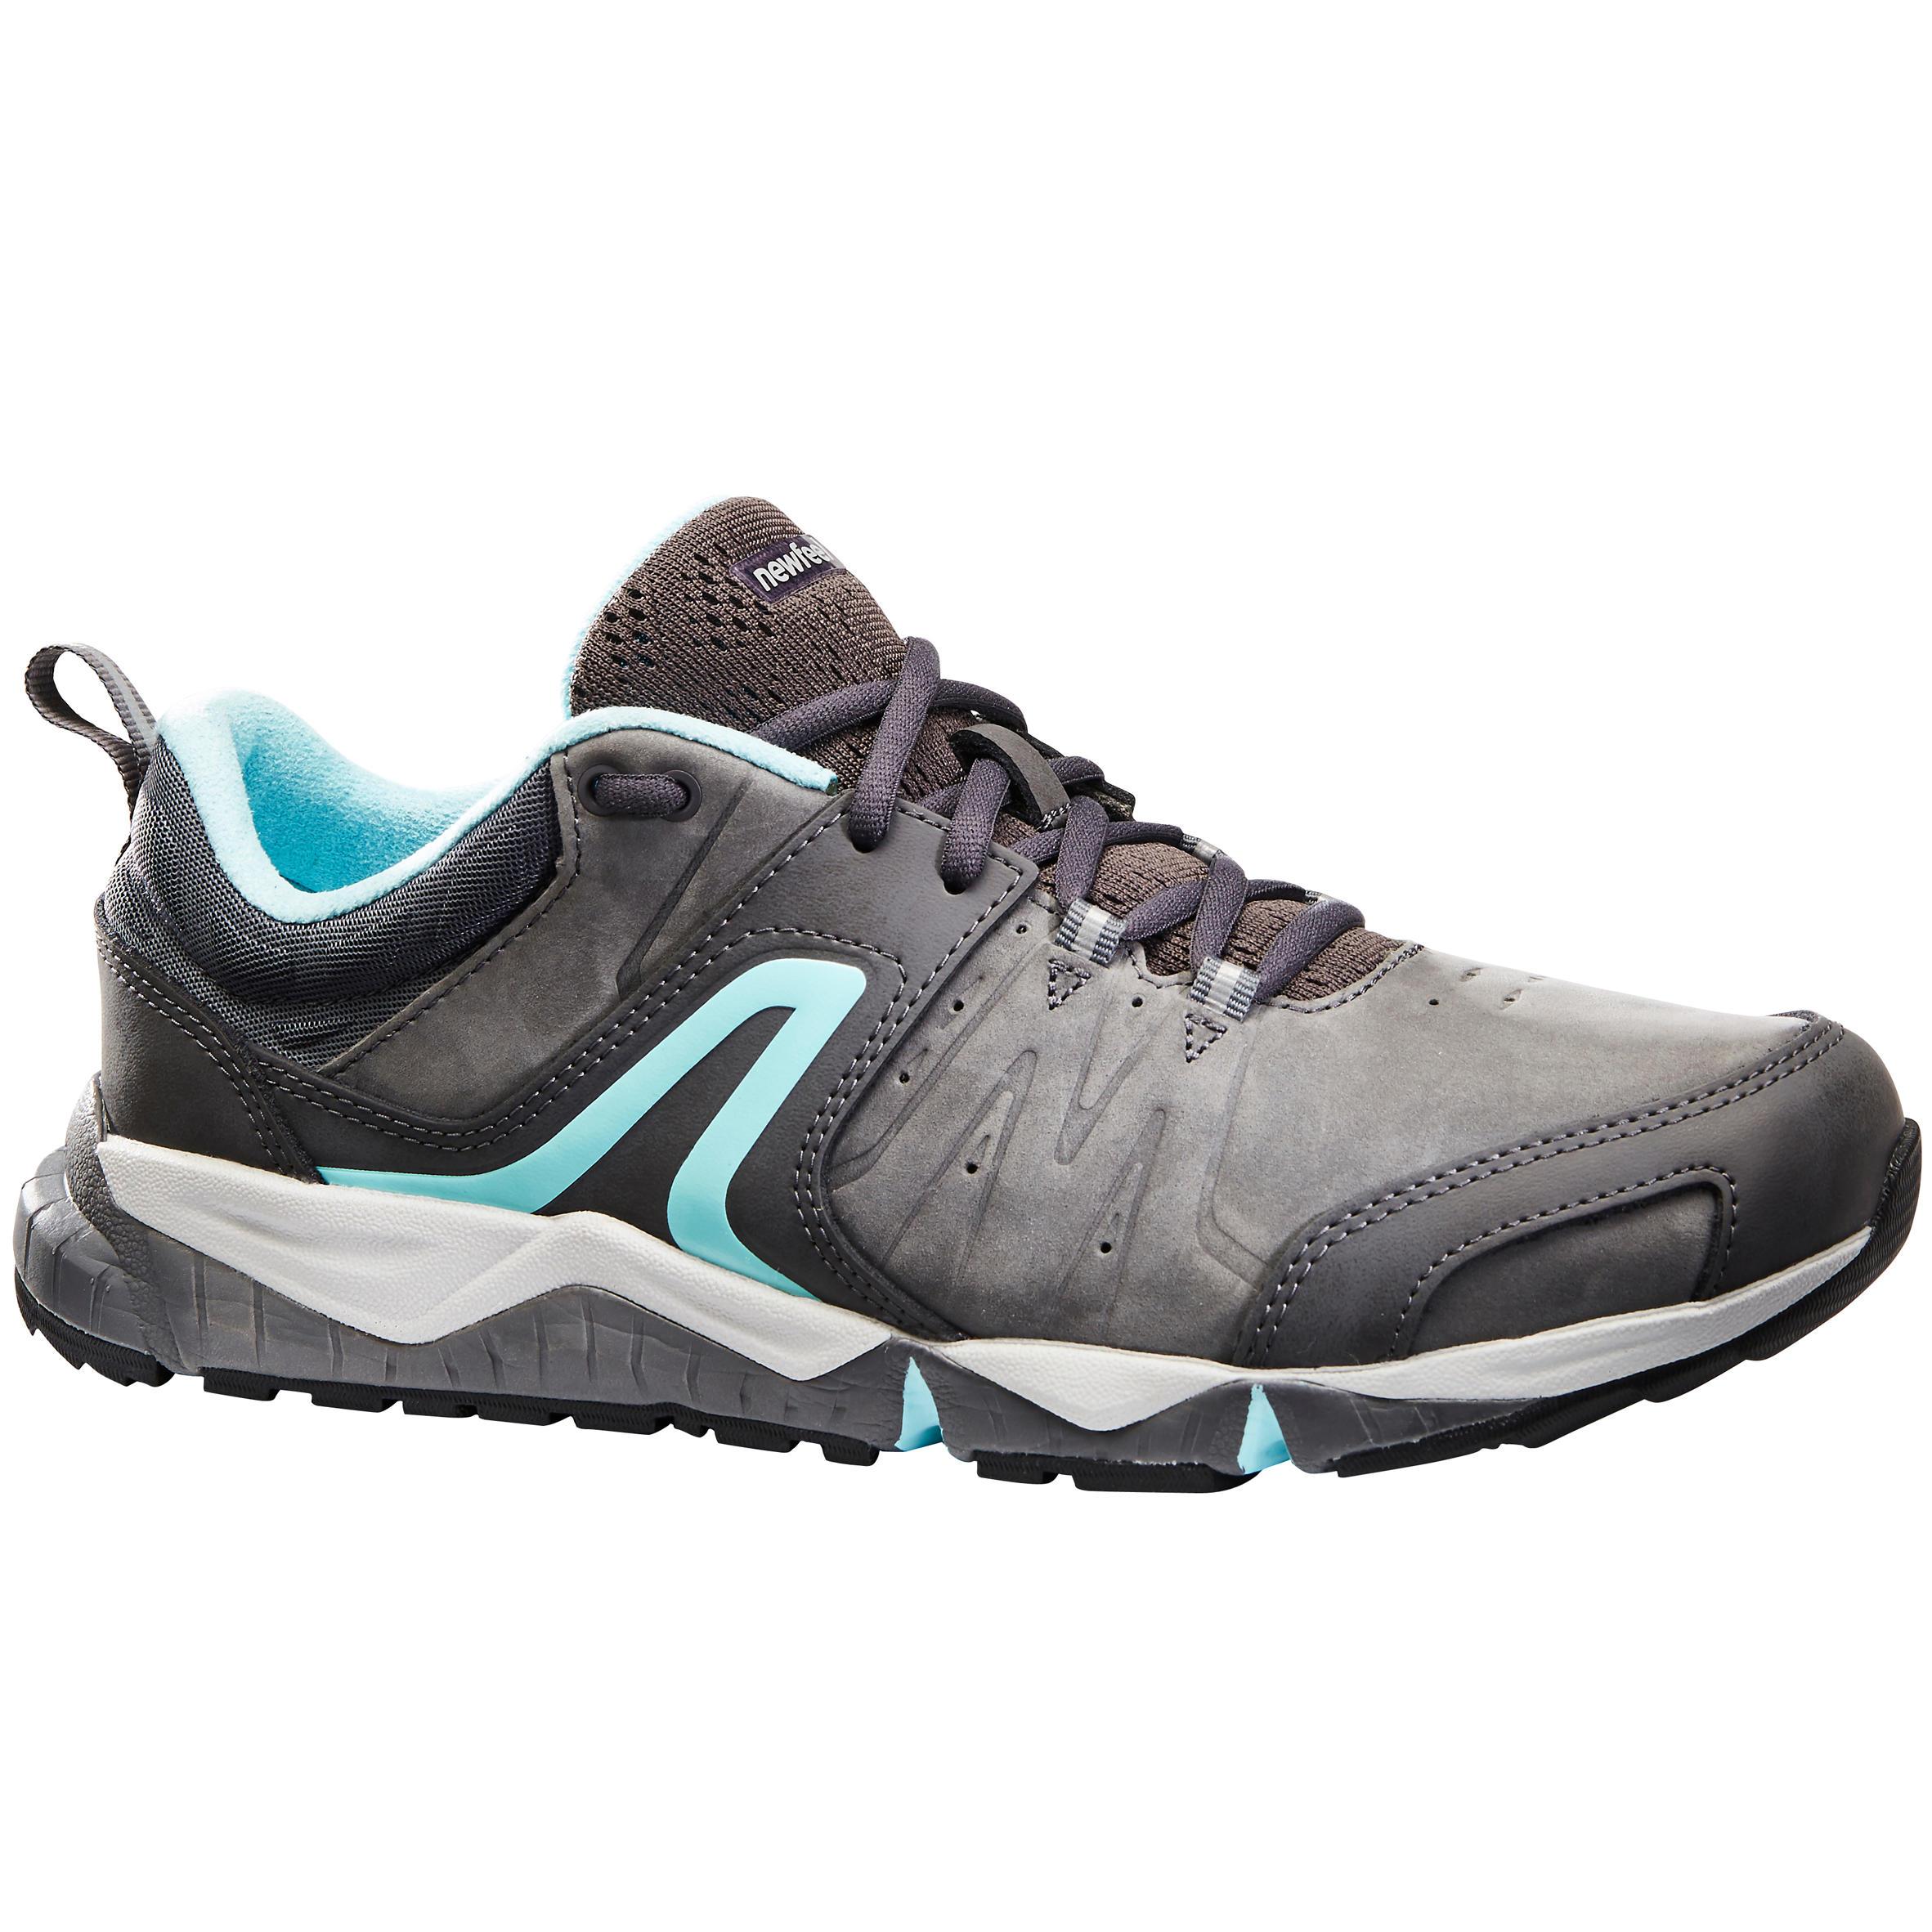 Newfeel Damessneakers voor sportief wandelen PW 940 Propulse Motion leer grijs / blauw